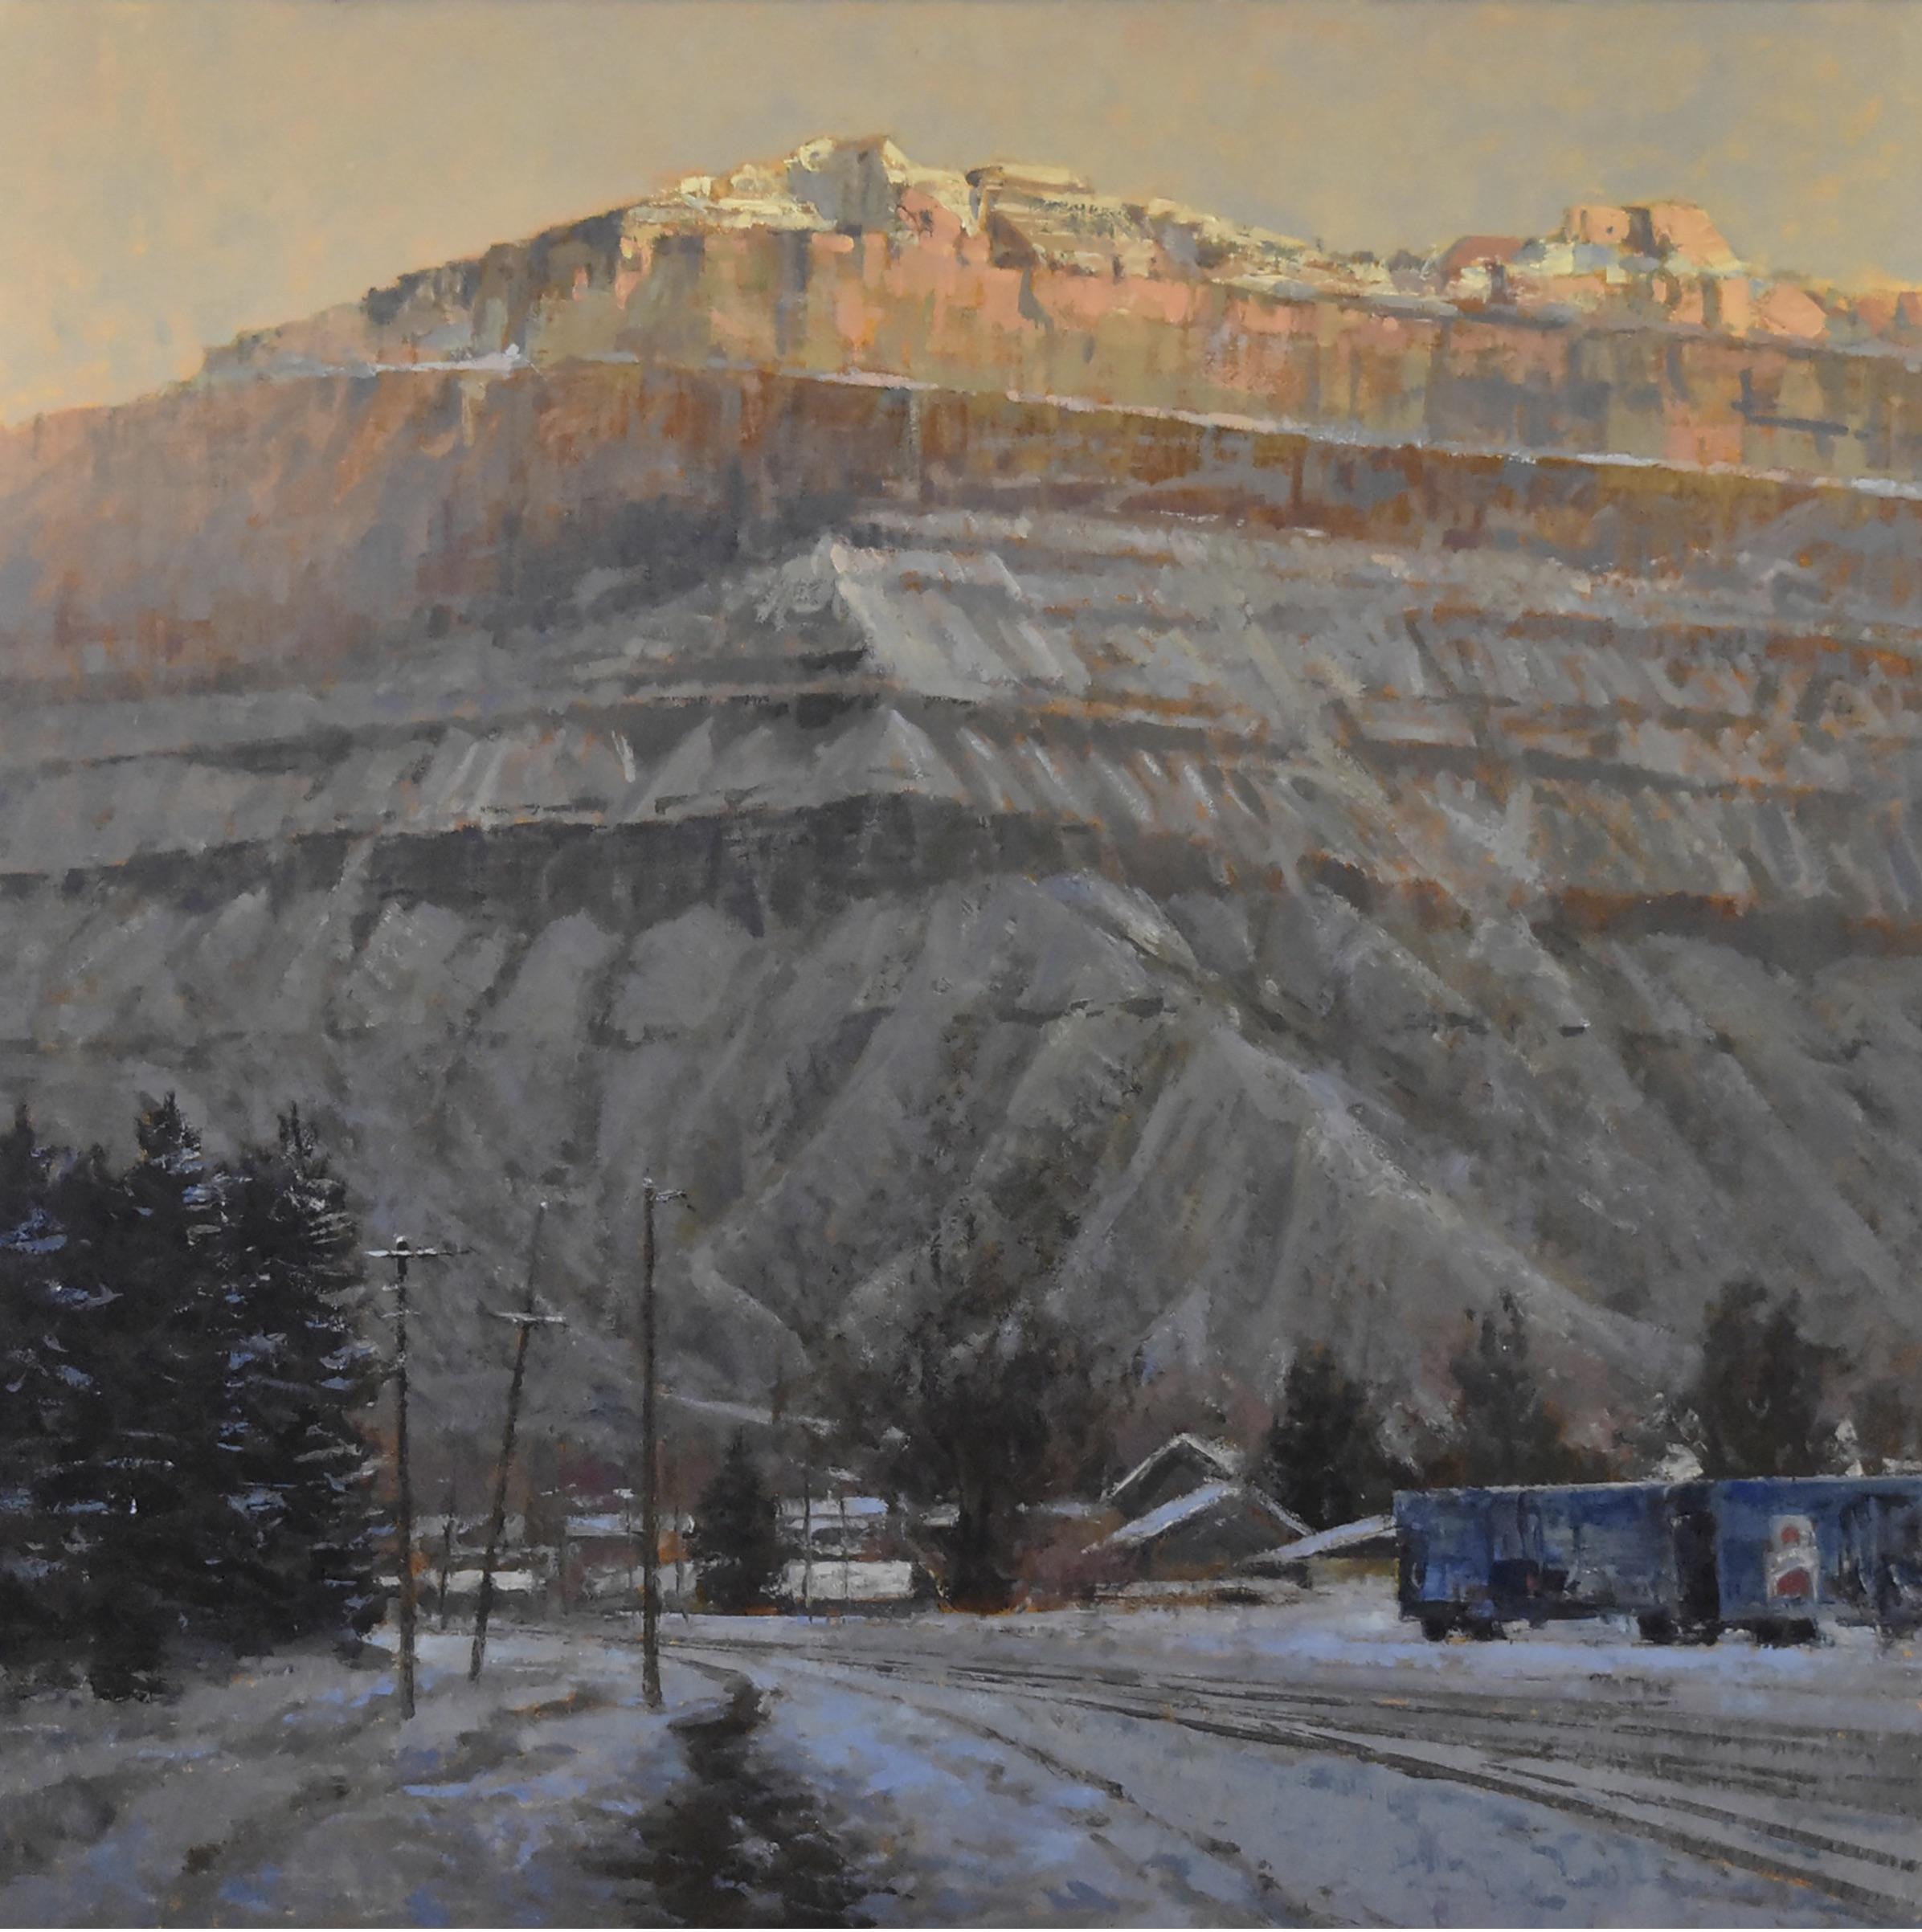 Book Cliffs in Winter